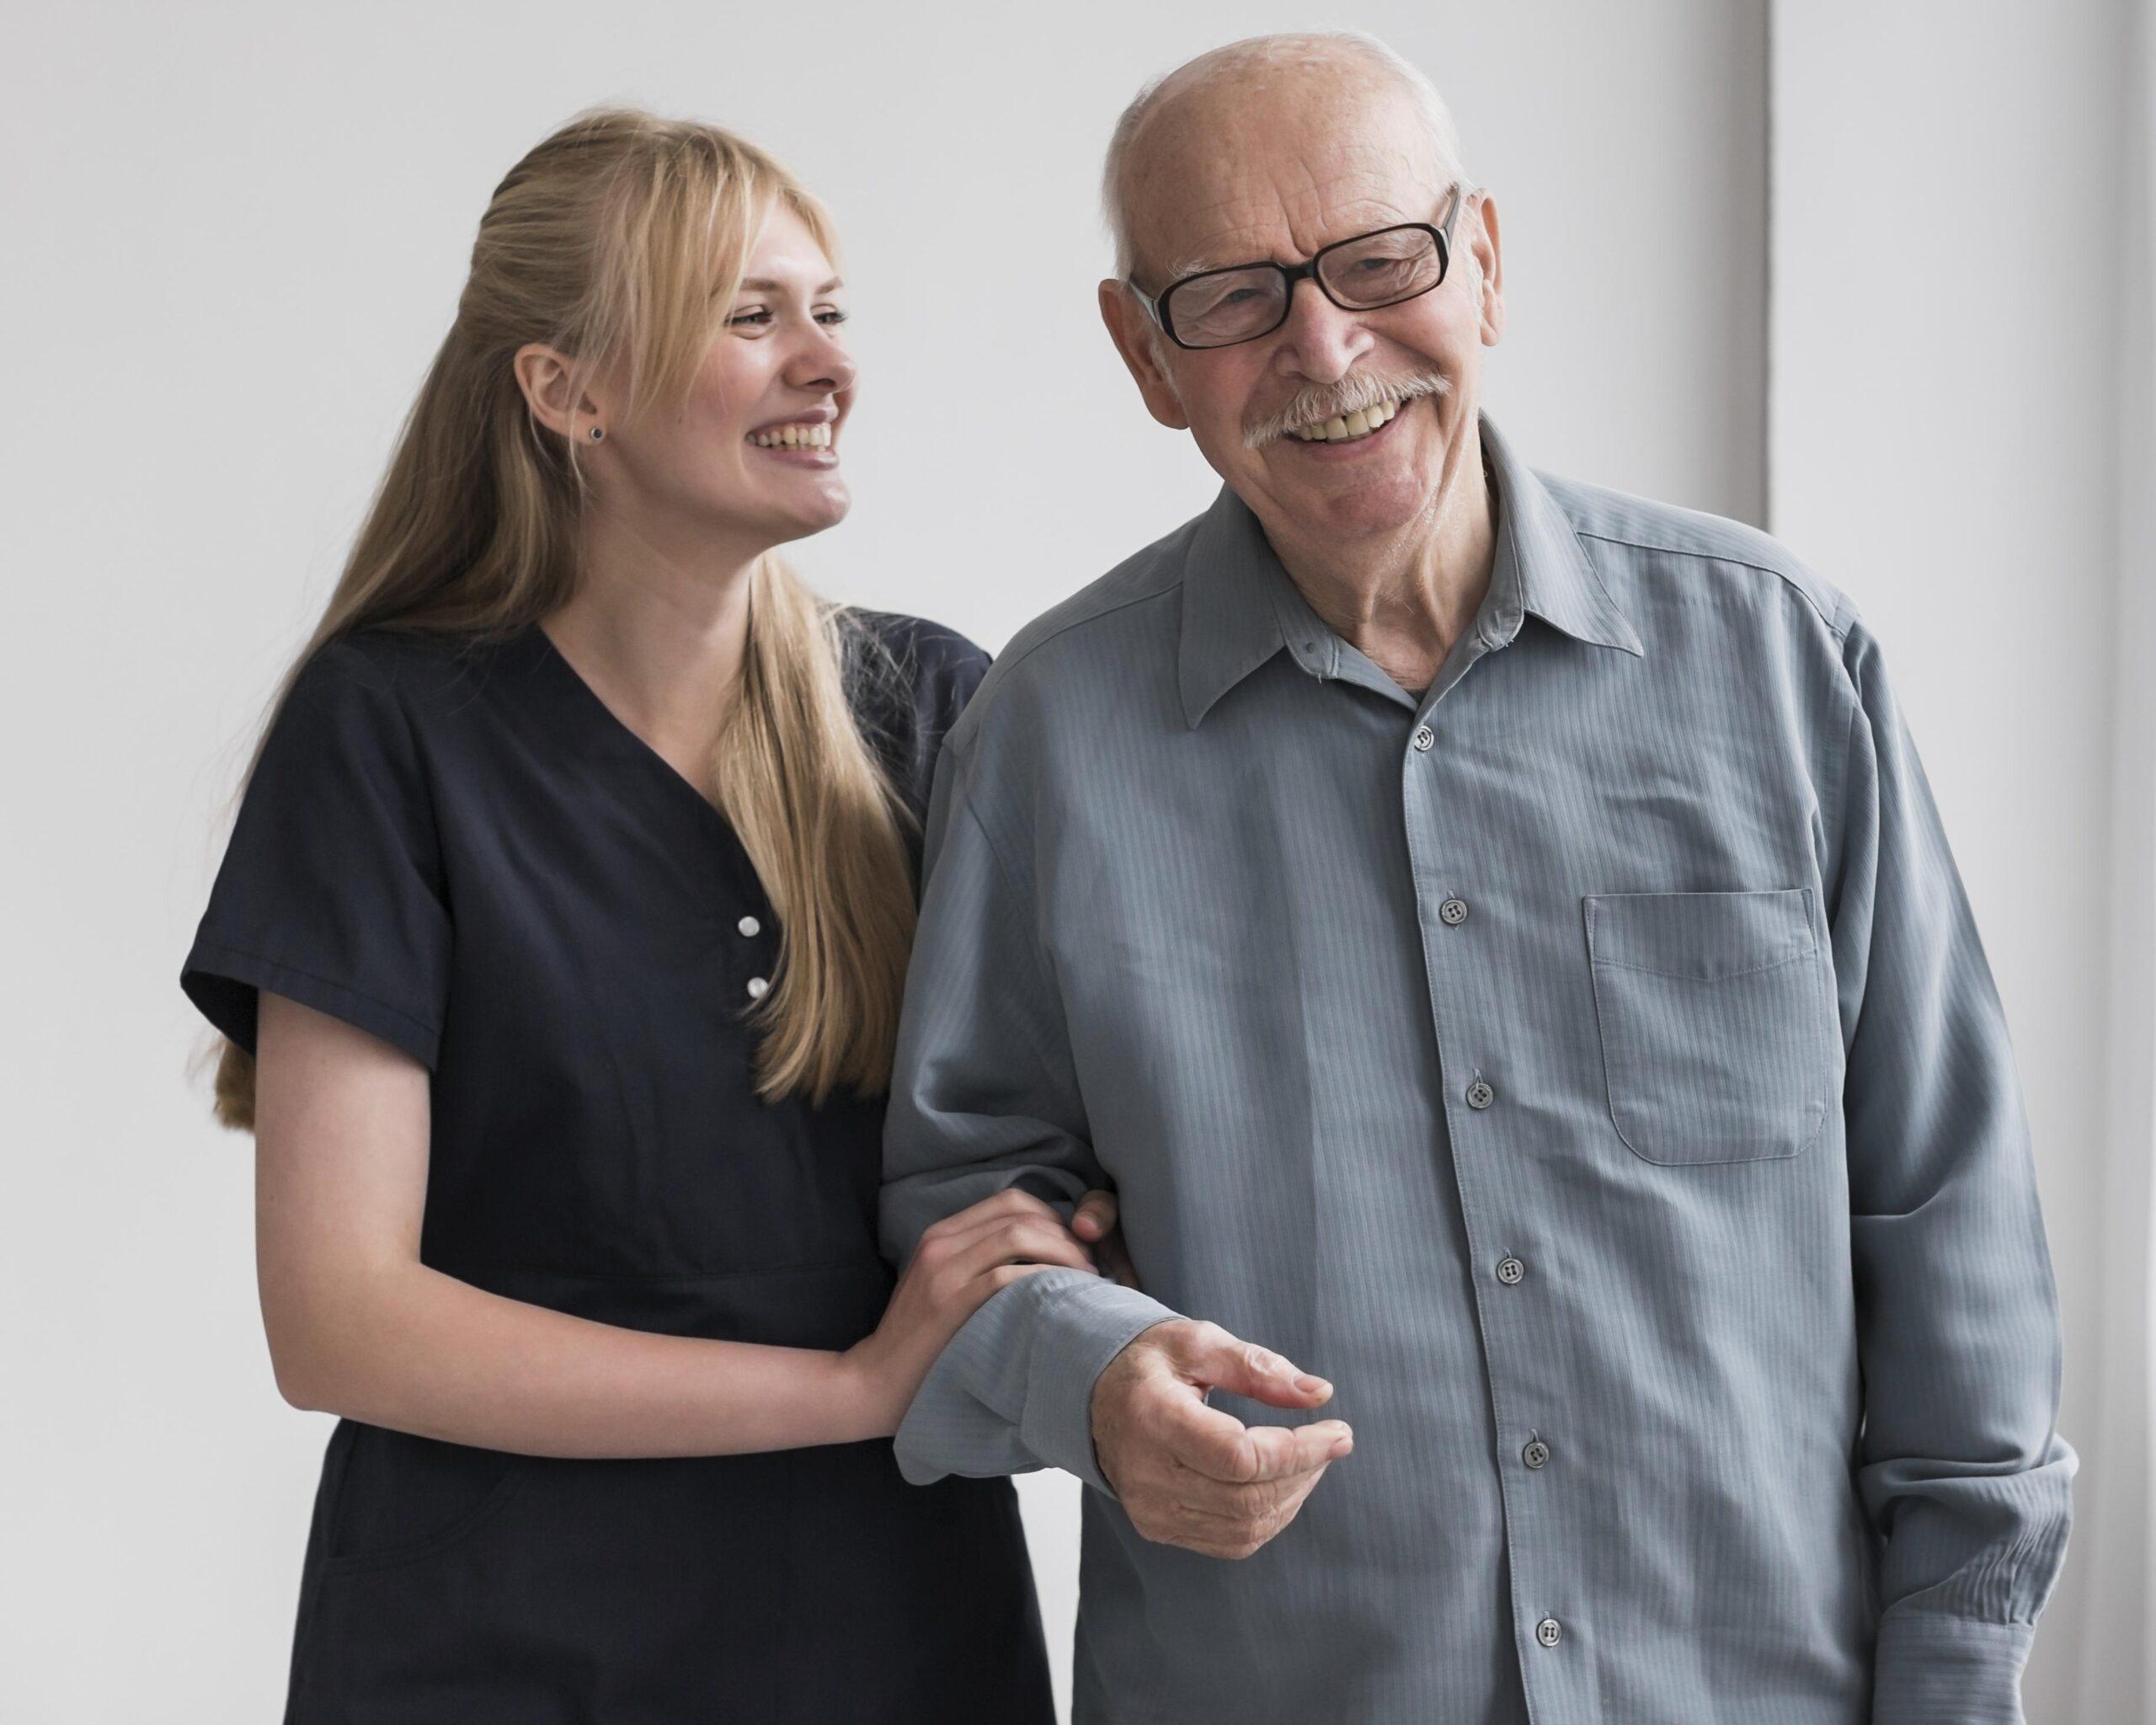 smiley-old-man-nurse